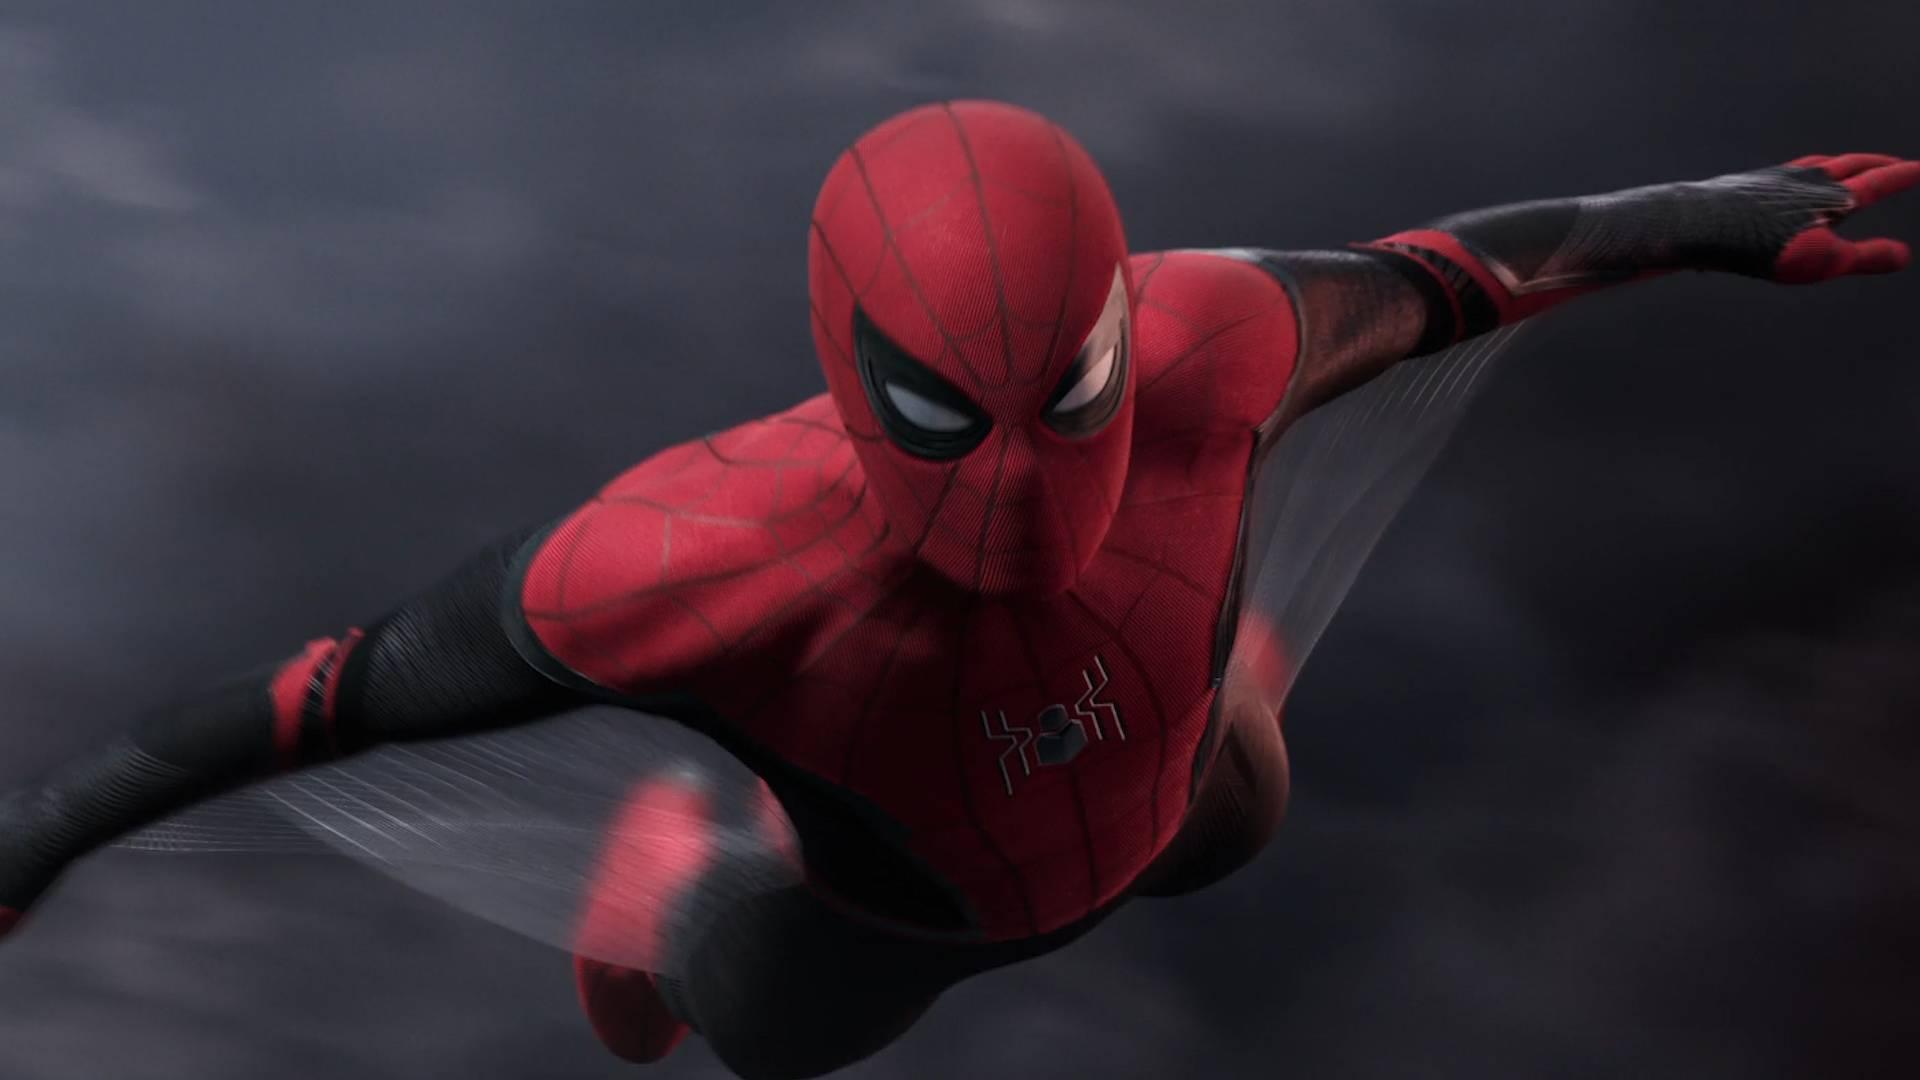 cf52ebb4c0 Watch Spider-Man: Far From Home at Vue Cinema | Book Tickets Online